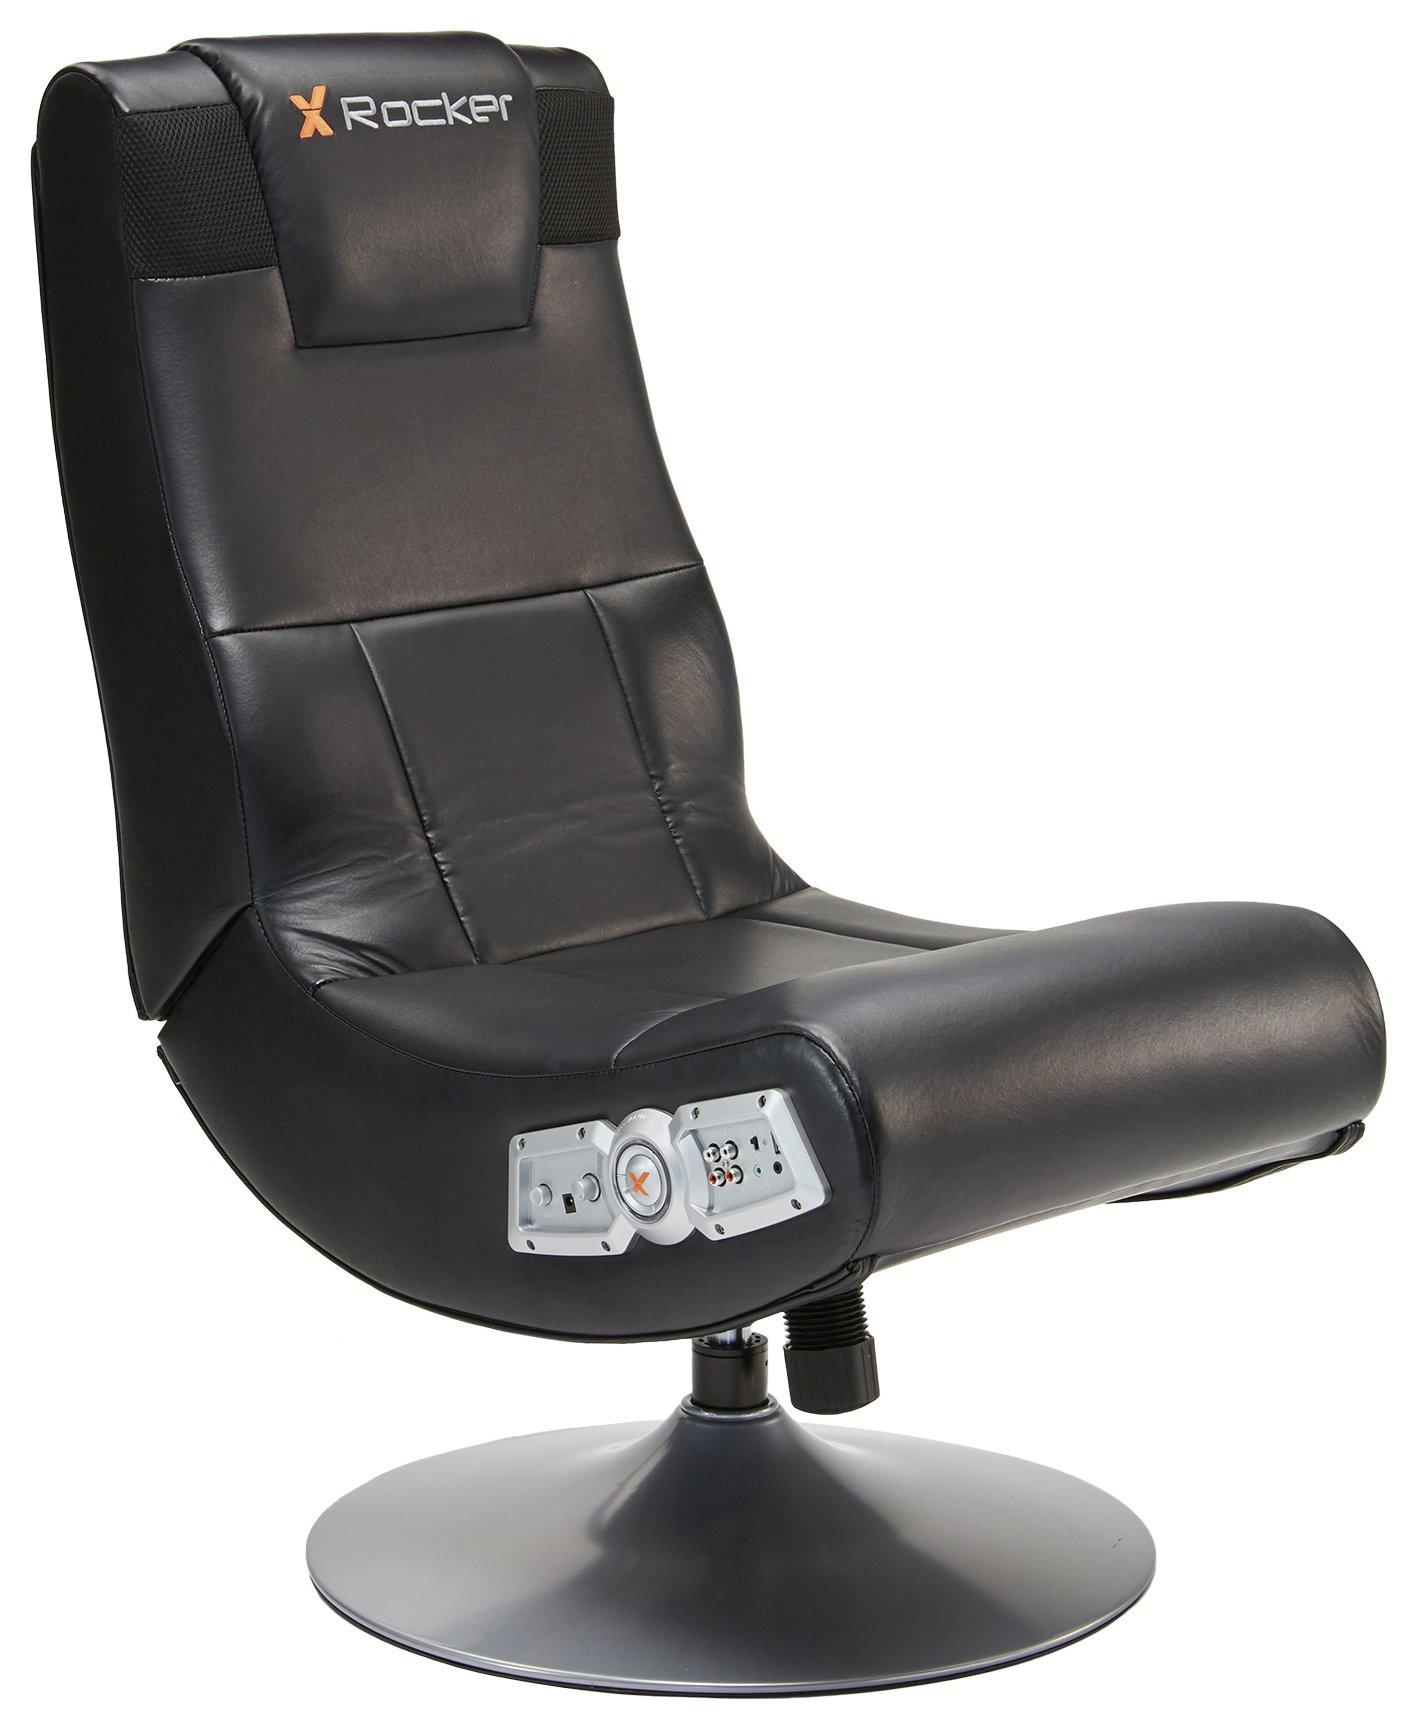 X Rocker Pedestal Chair